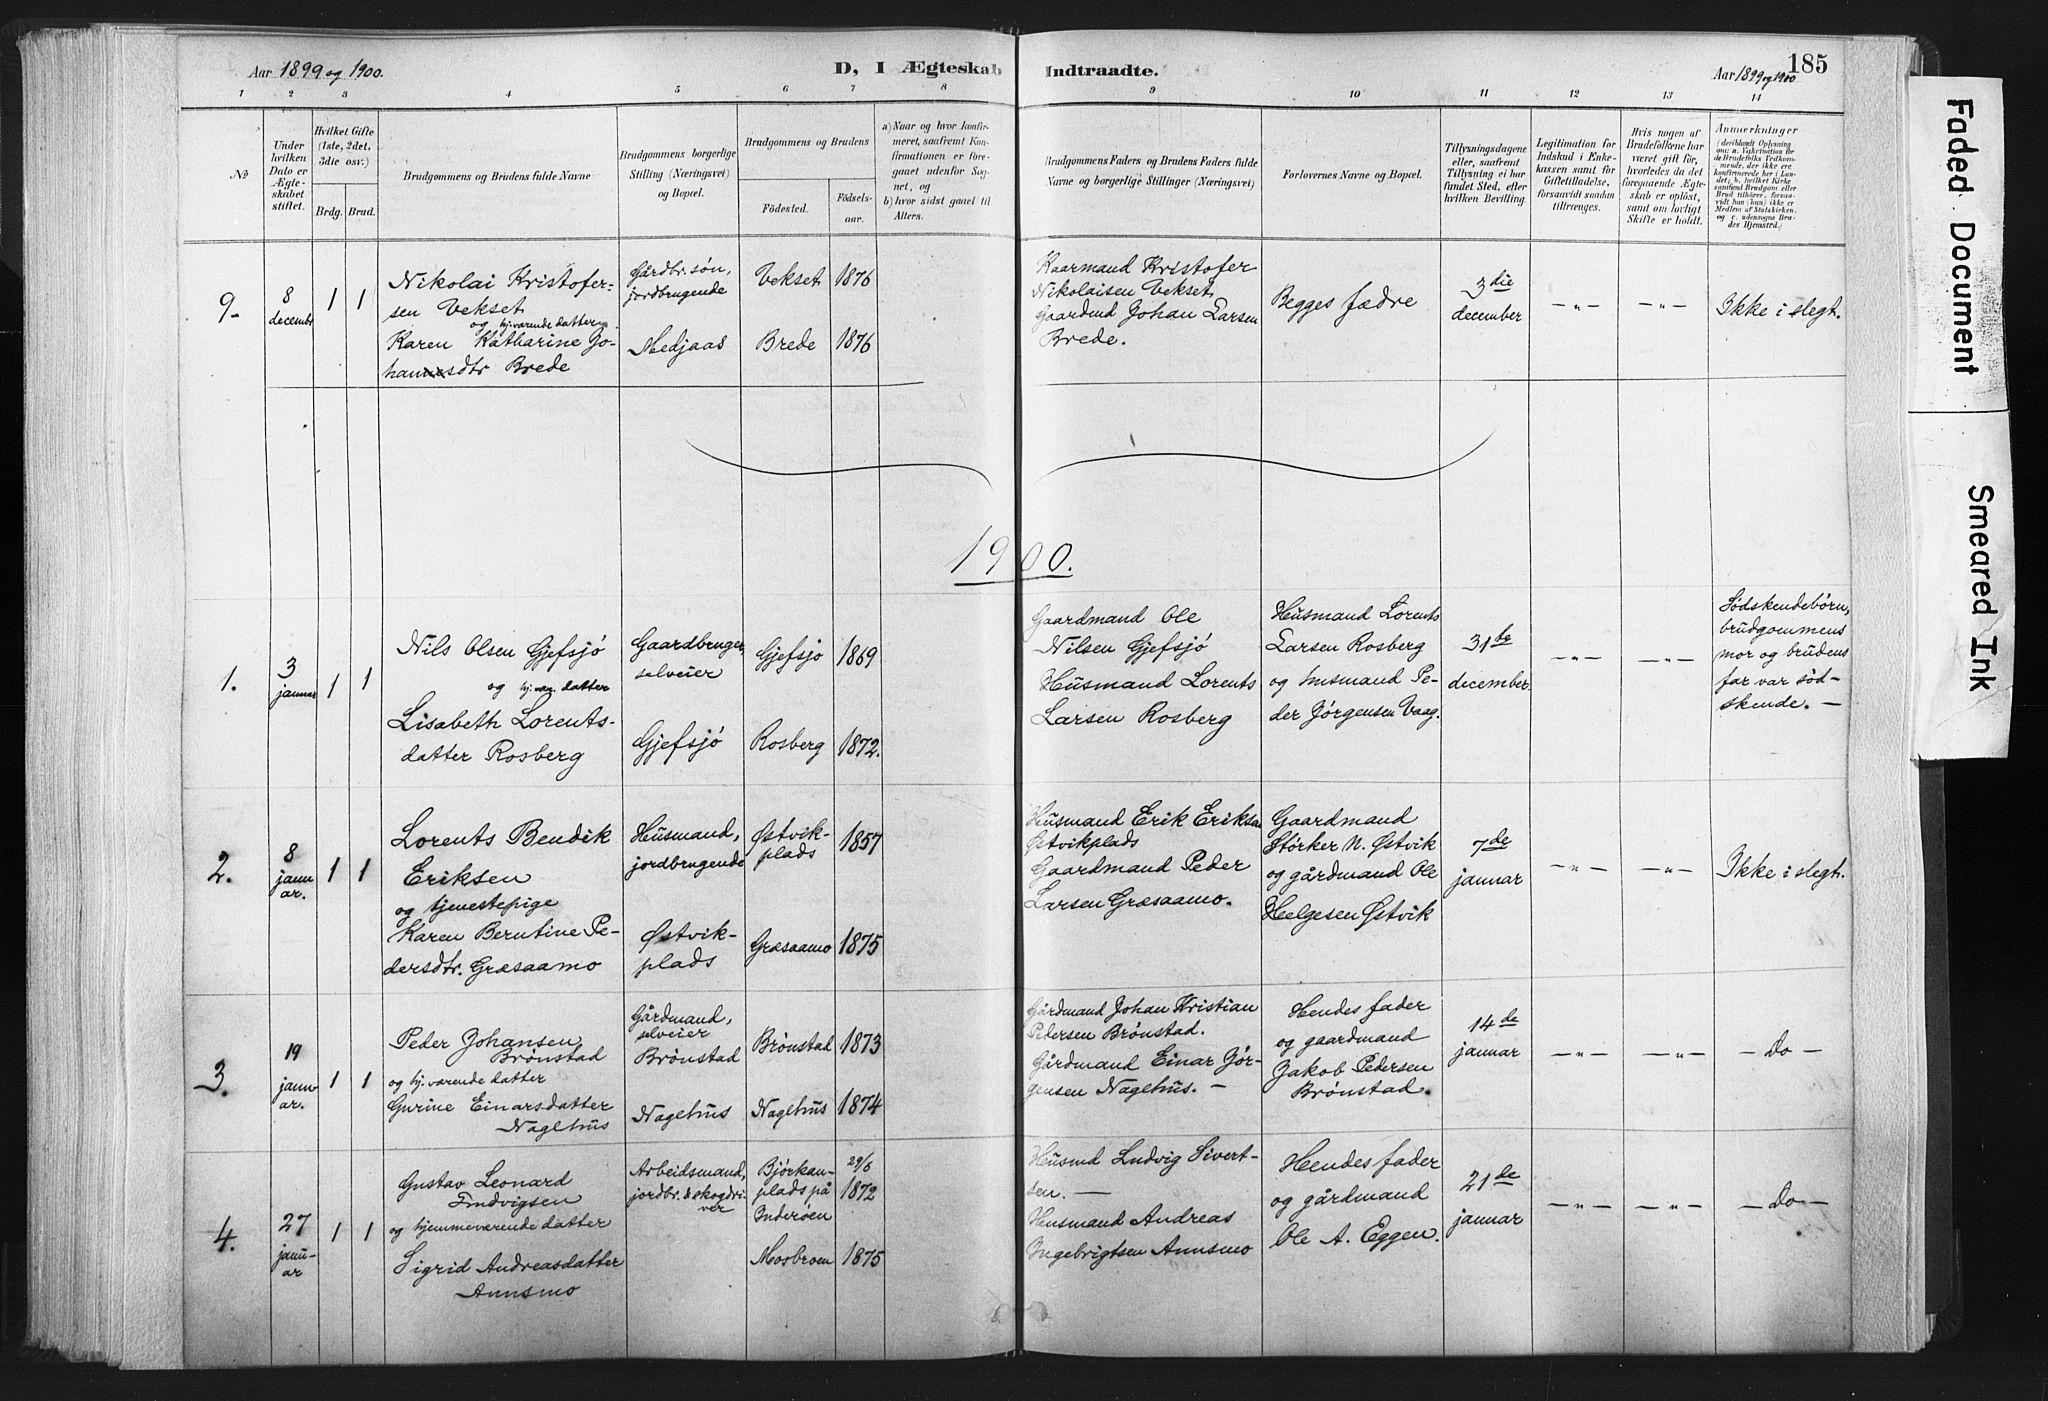 SAT, Ministerialprotokoller, klokkerbøker og fødselsregistre - Nord-Trøndelag, 749/L0474: Ministerialbok nr. 749A08, 1887-1903, s. 185